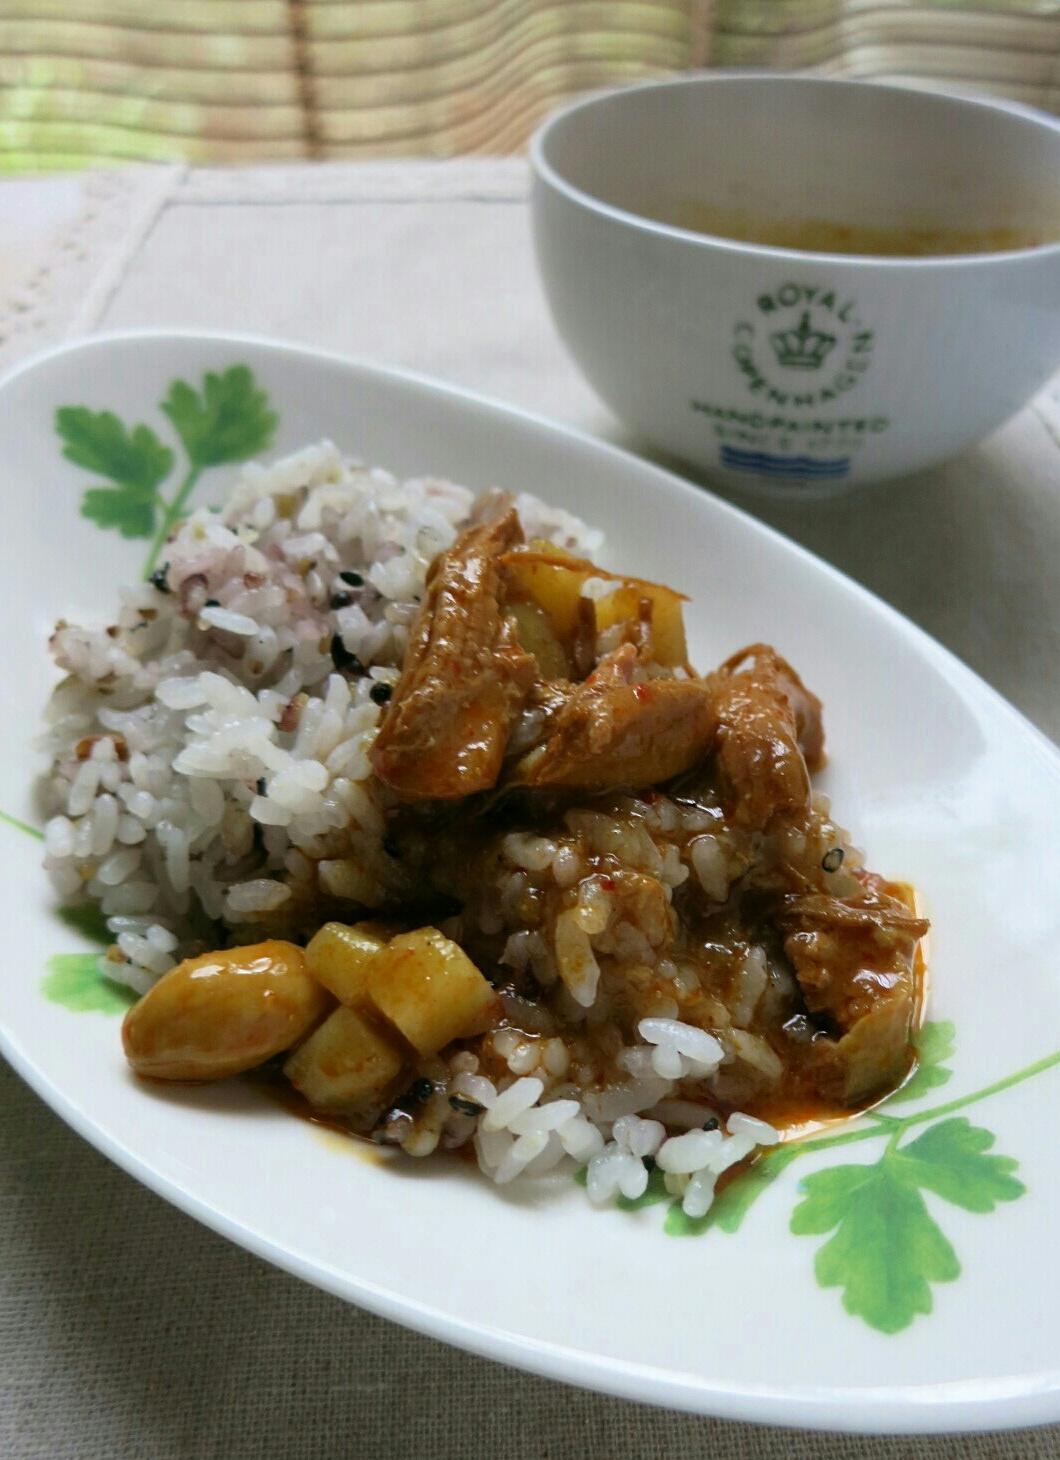 タイカレーの缶詰め / 生食用アンズ @マツヤ_f0236260_1212452.jpg